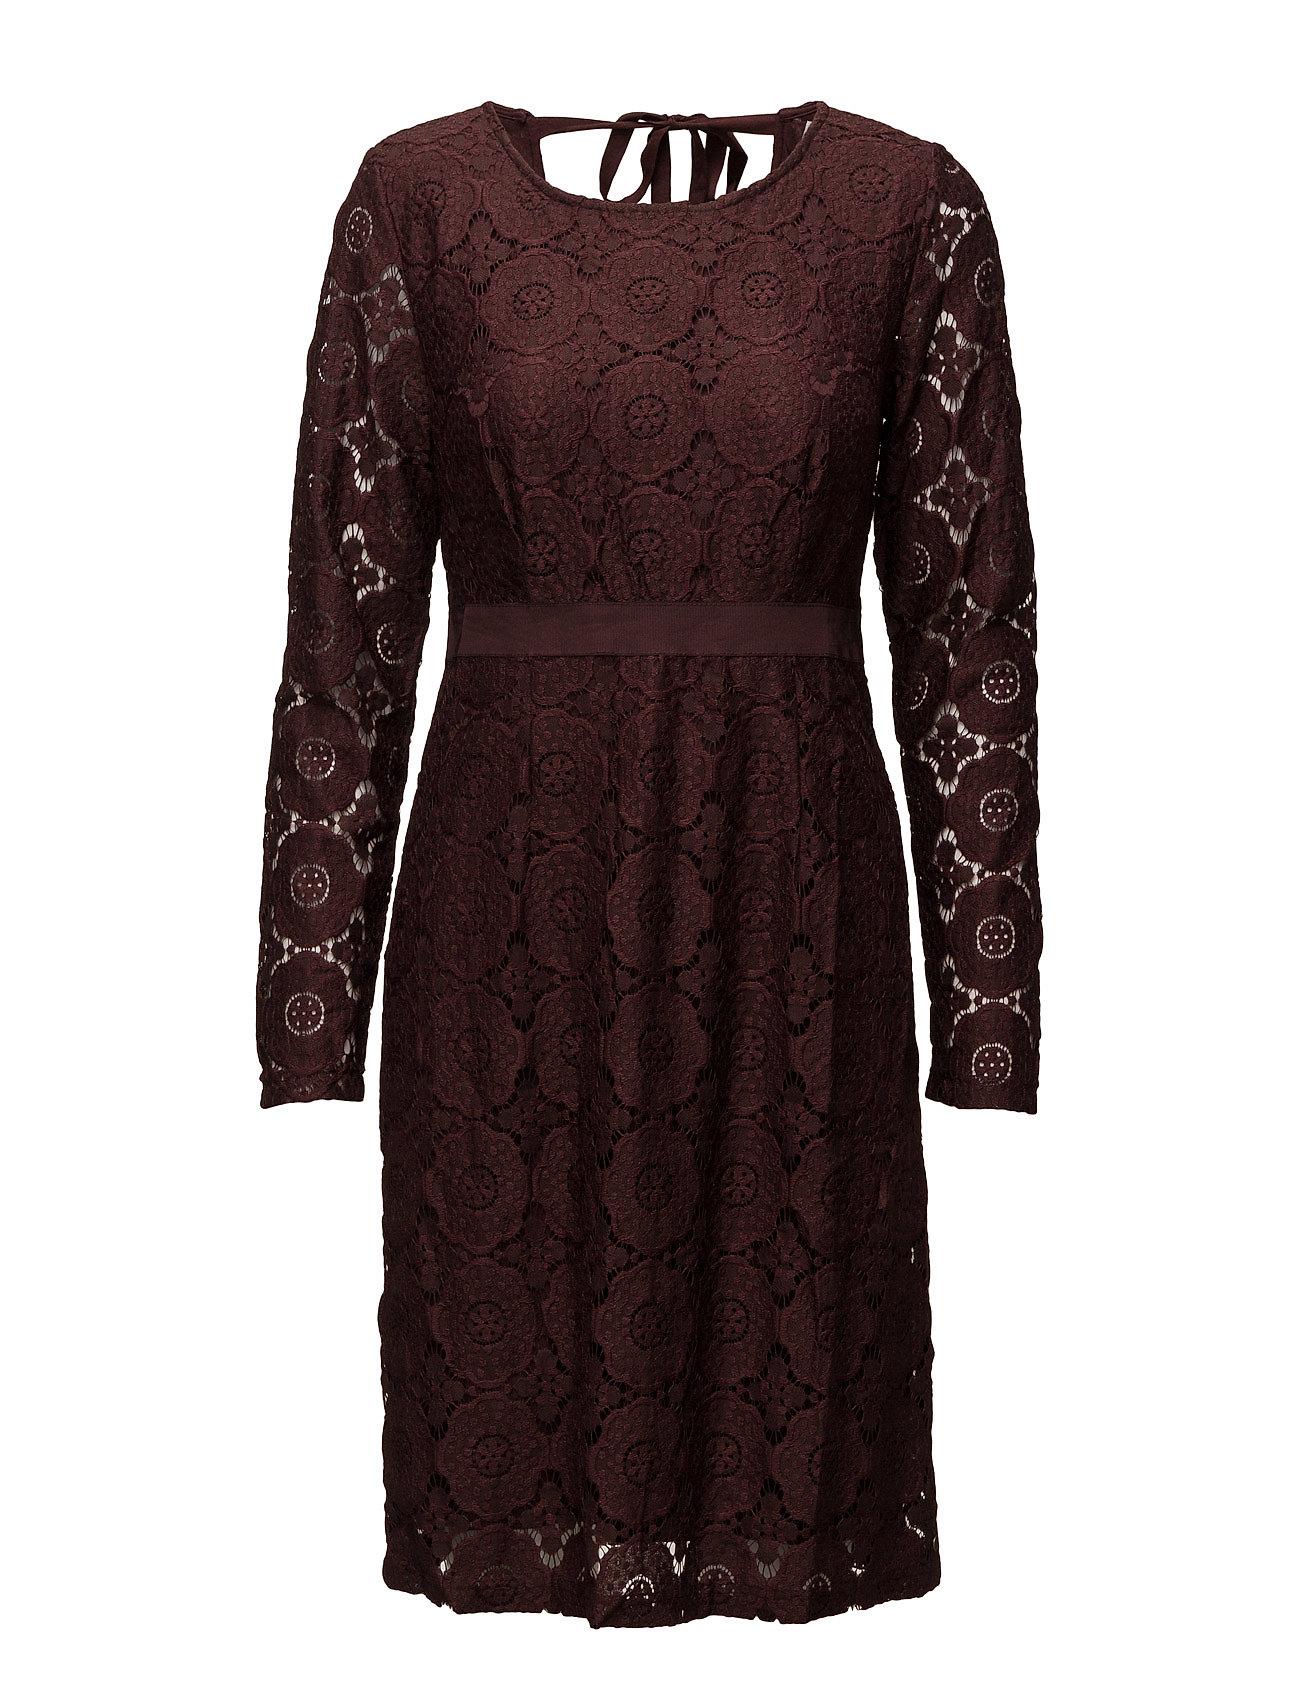 Paloma Dress Cream Kjoler til Kvinder i Clove Brown